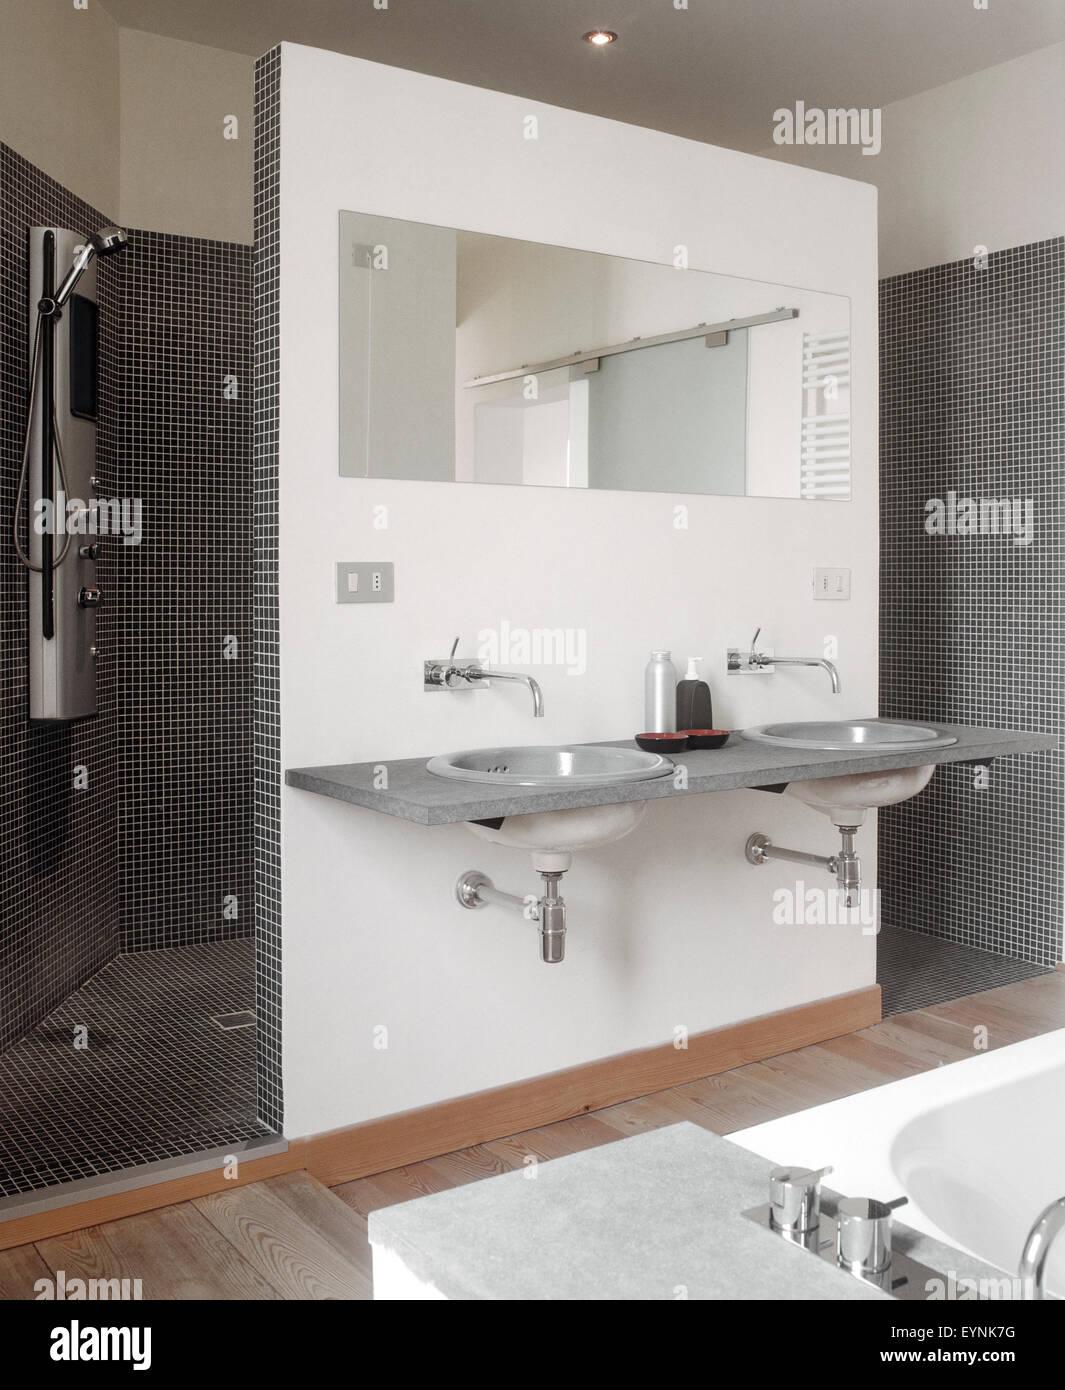 Innenansicht Eines Modernes Bad Im Vordergrund Das Waschbecken Und Spiegel  Mit Blick Auf Duschkabine